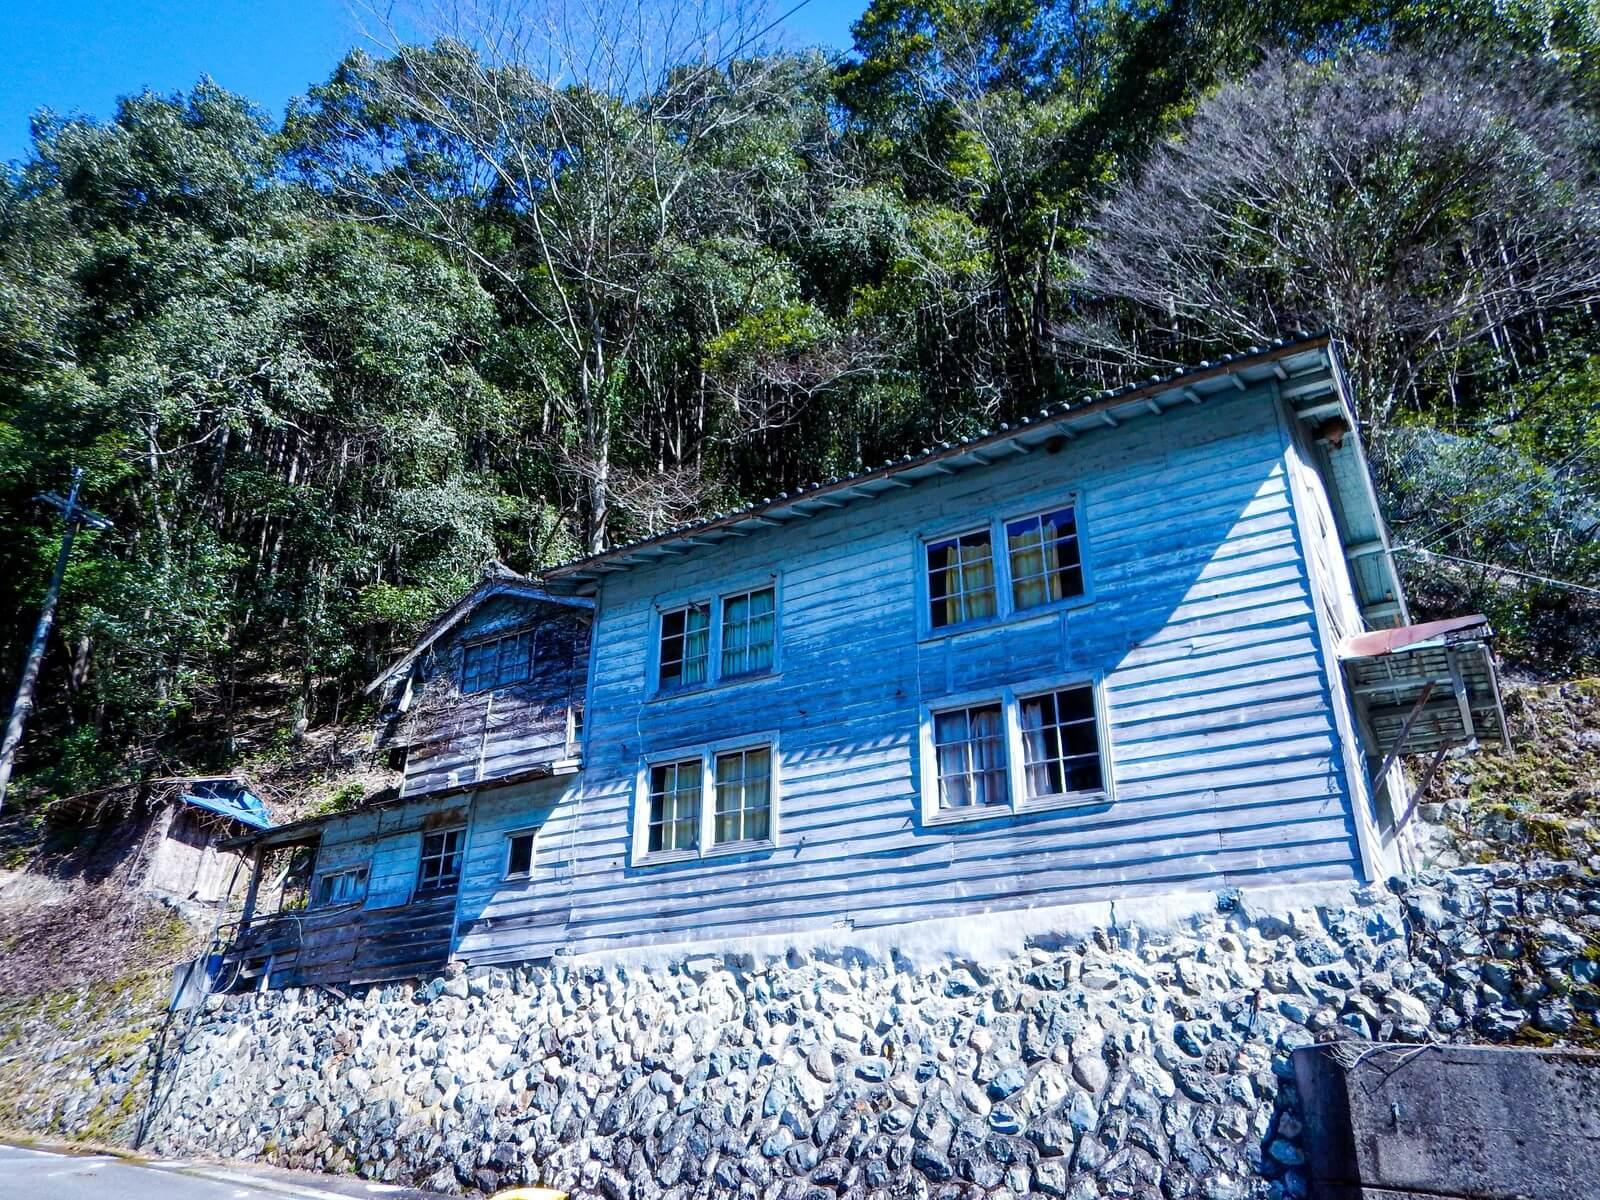 屋根裏の断熱材が破られて家の資産価値が低下する被害